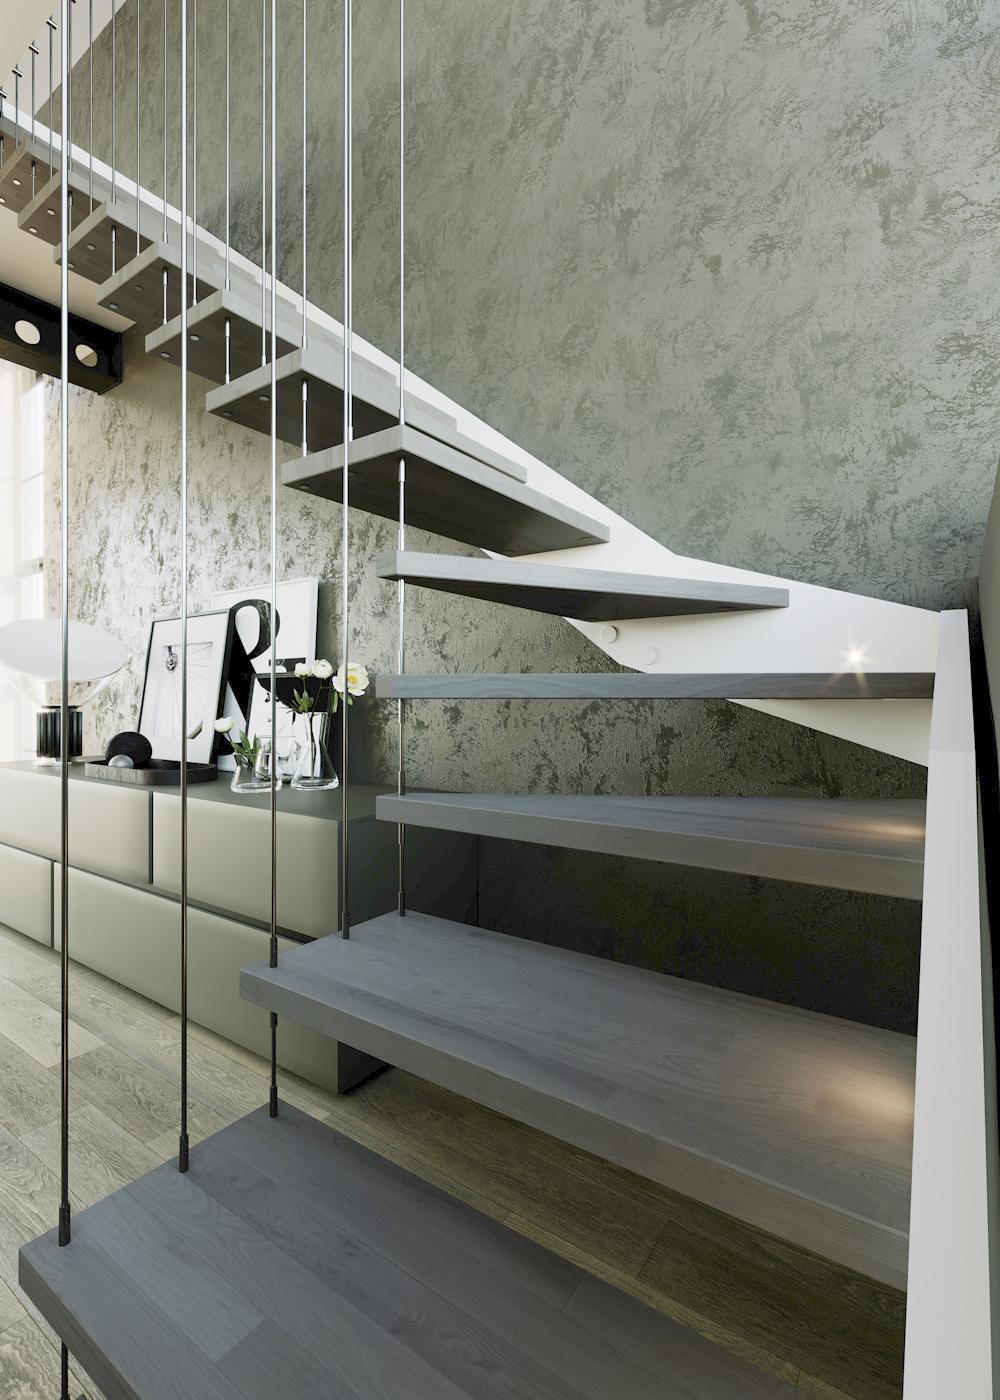 dettaglio render scale per interni